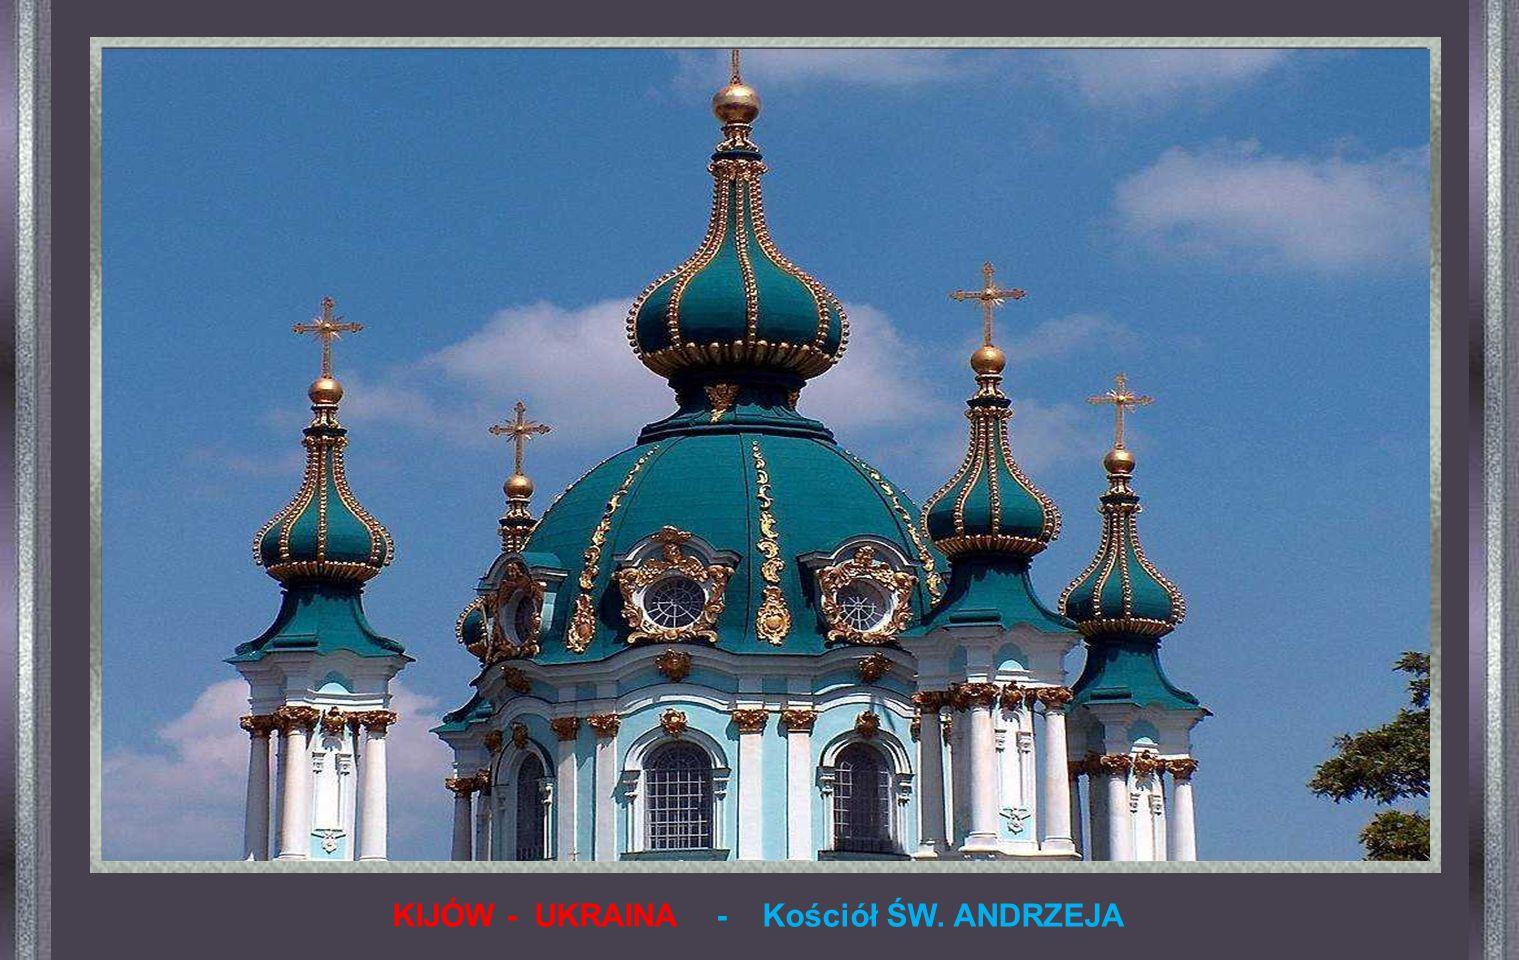 KIJÓW - UKRAINA - Kościół ŚW. ANDRZEJA